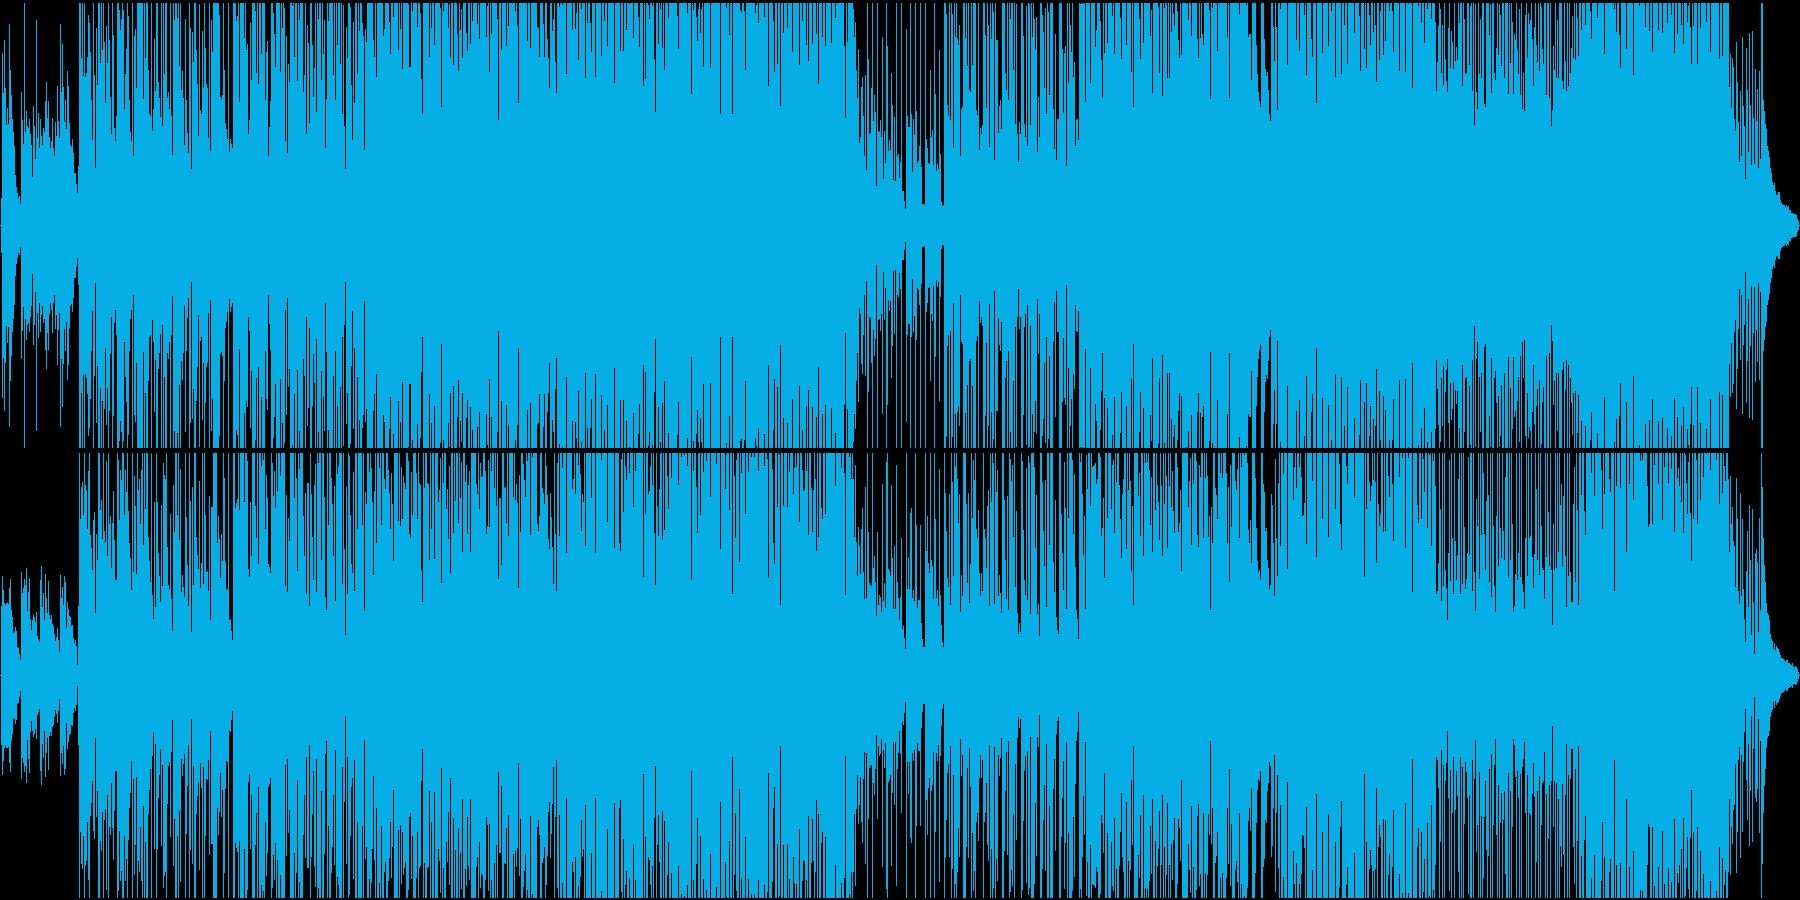 アコースティックな和風メロディ楽曲の再生済みの波形